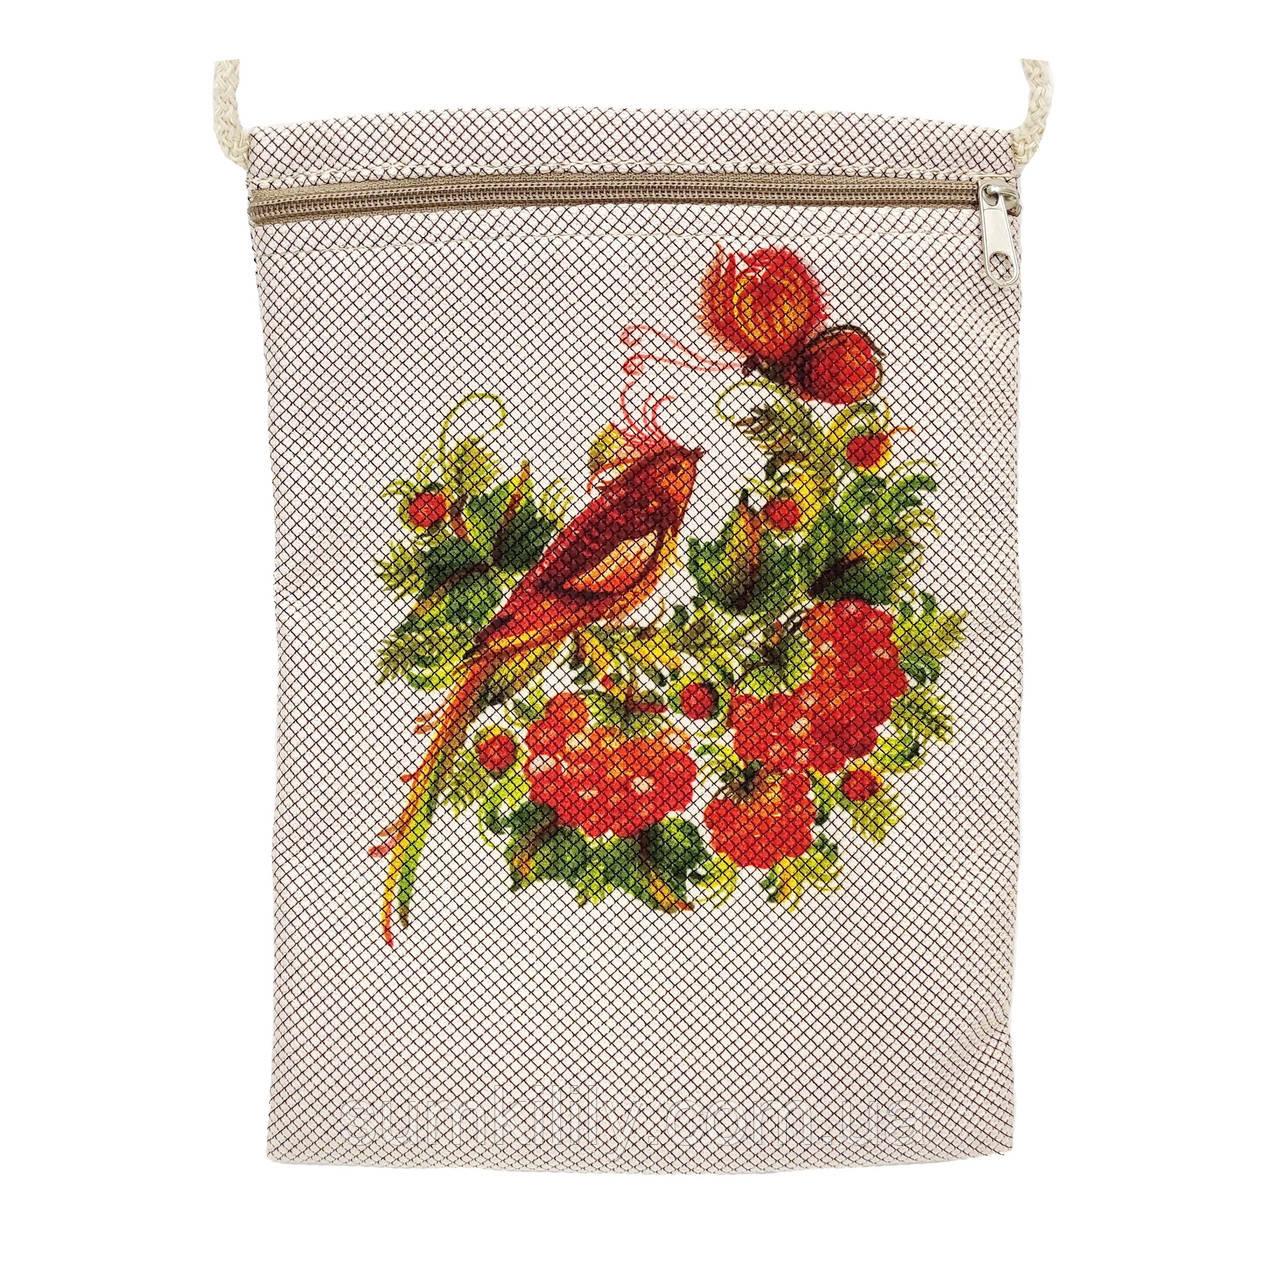 Текстильный кошелек Птичка с бабочкой